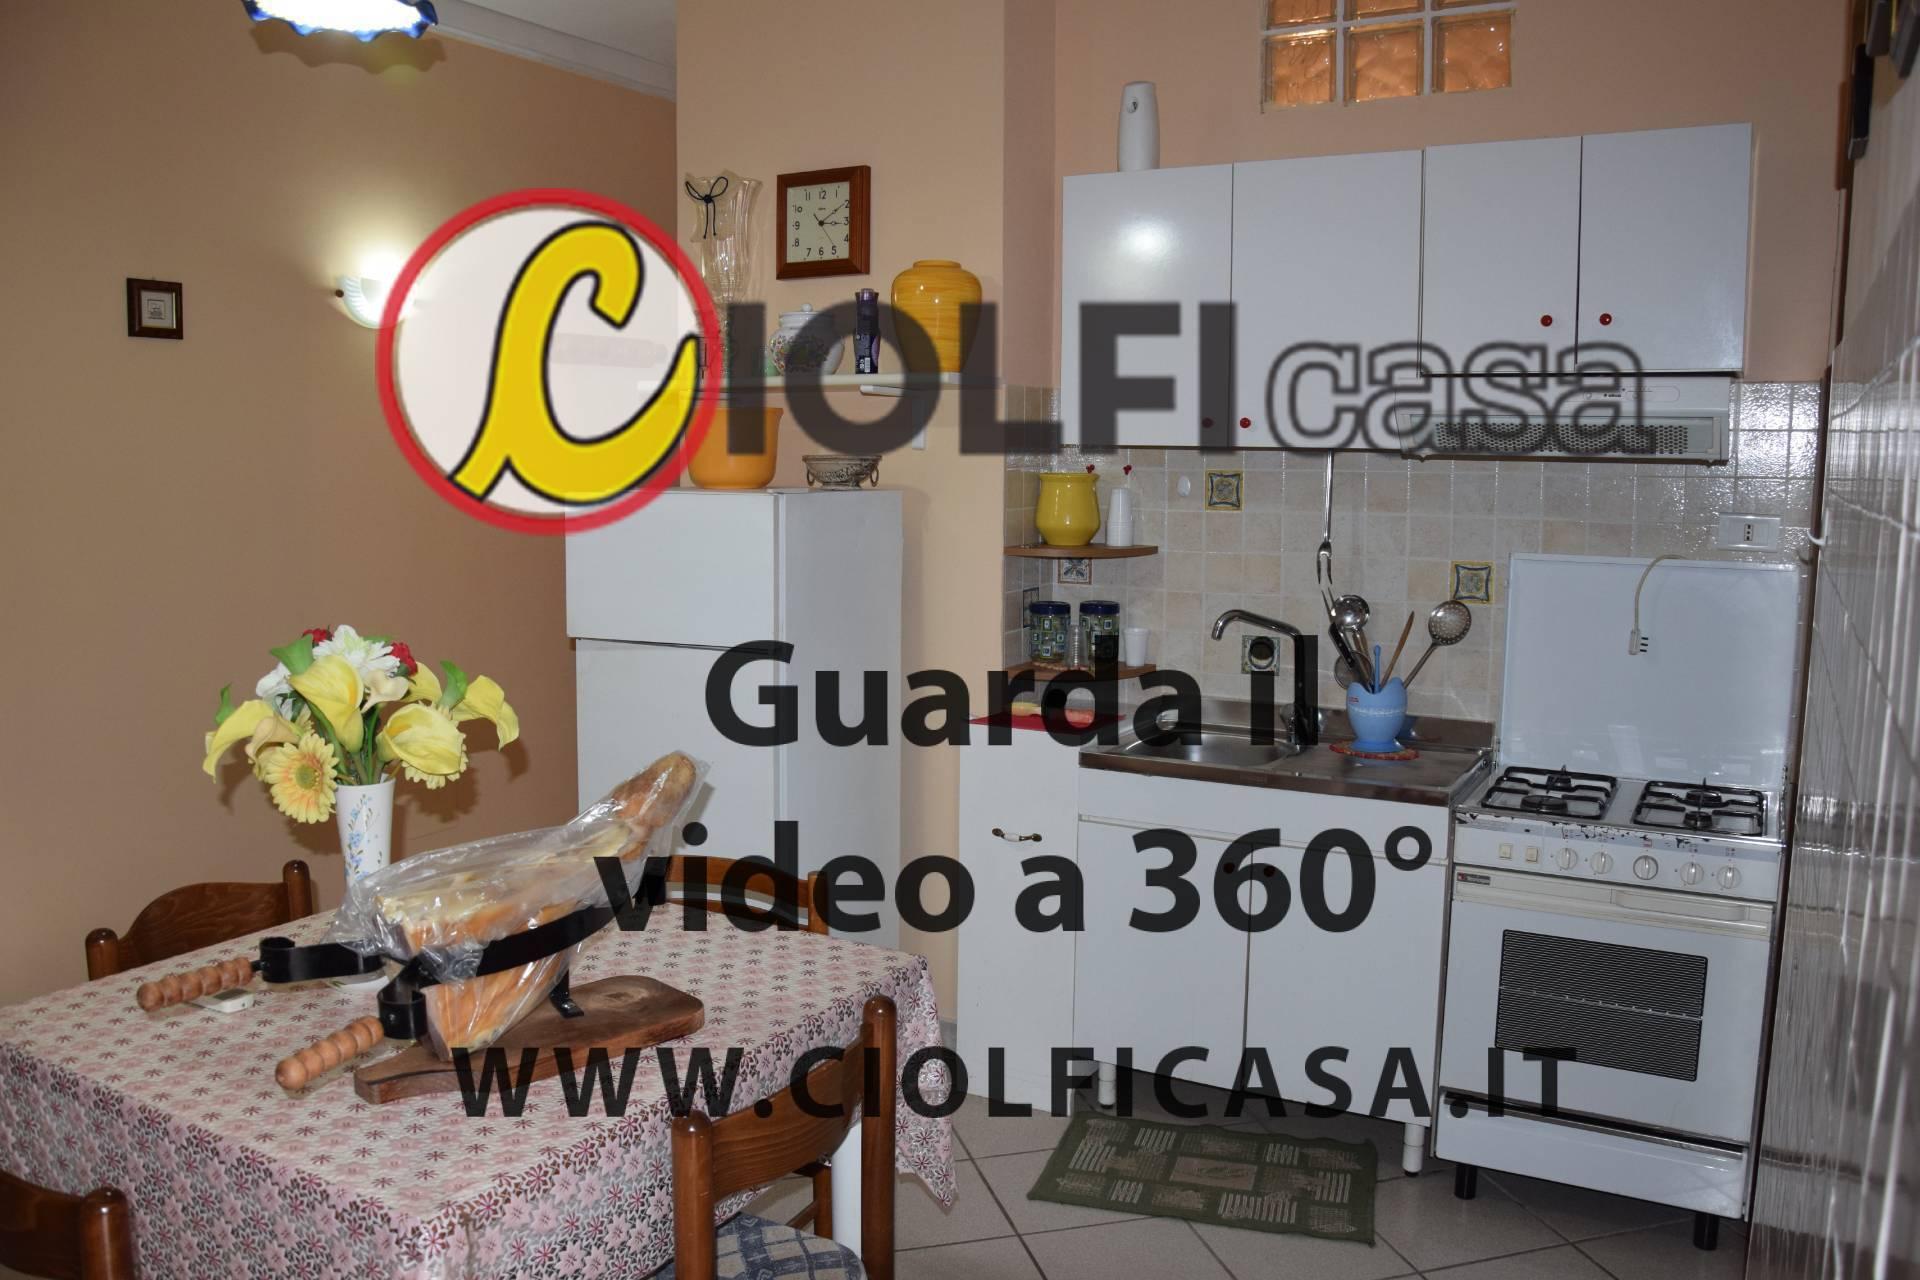 Appartamento in affitto a Cassino, 2 locali, zona Località: ViaSolfegnaCantoni, prezzo € 300 | CambioCasa.it